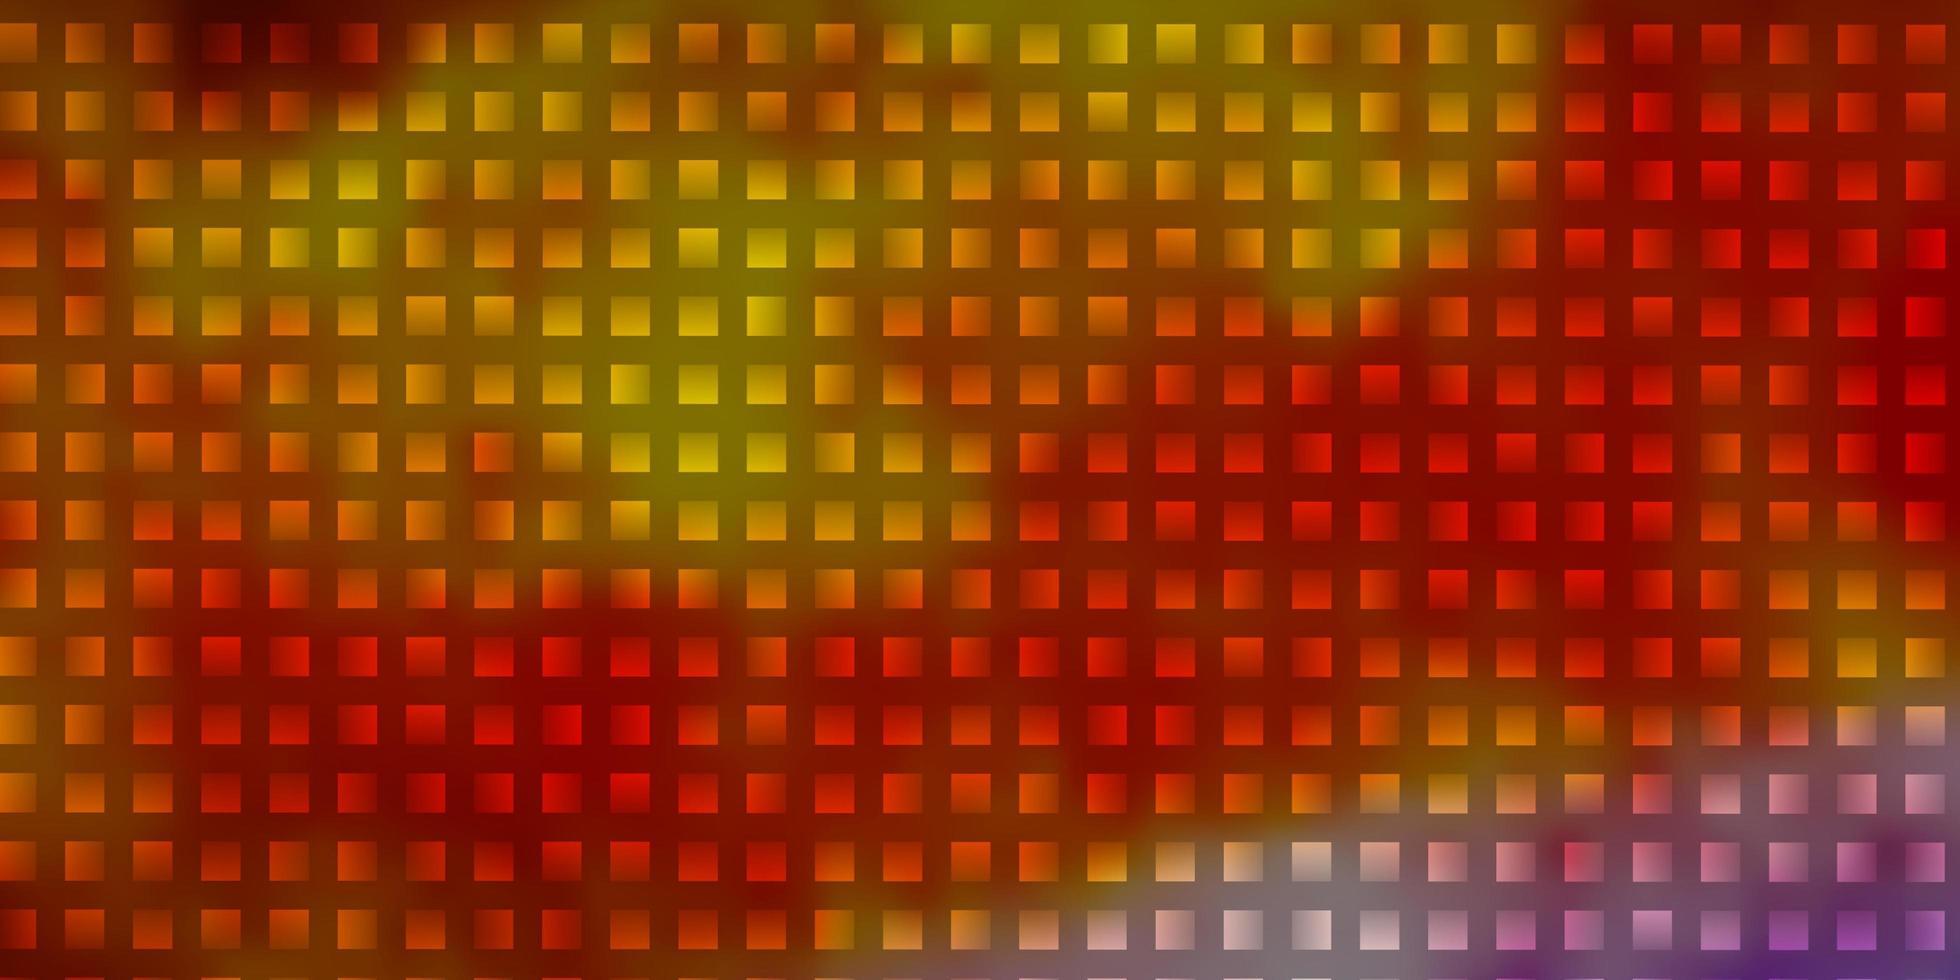 leichte mehrfarbige Vektorschablone mit Rechtecken. vektor